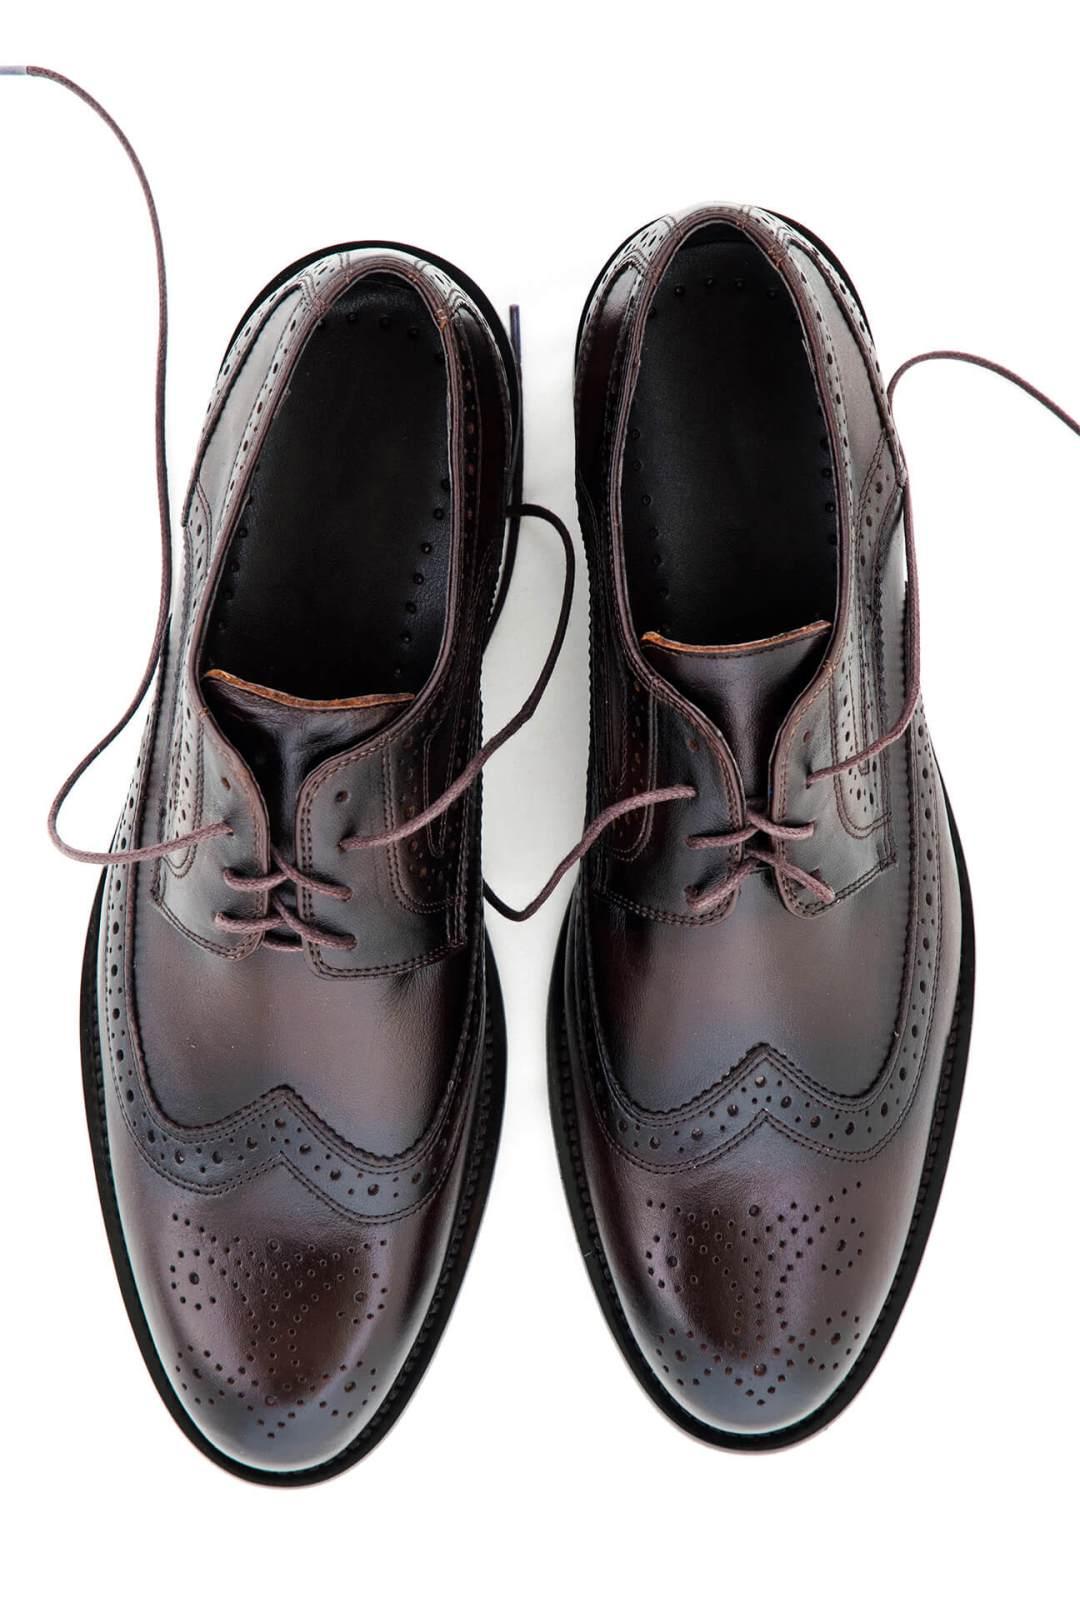 Bottier bordelais cordonnier cordonnerie bordeaux centre artisanal chaussures shoes cirées